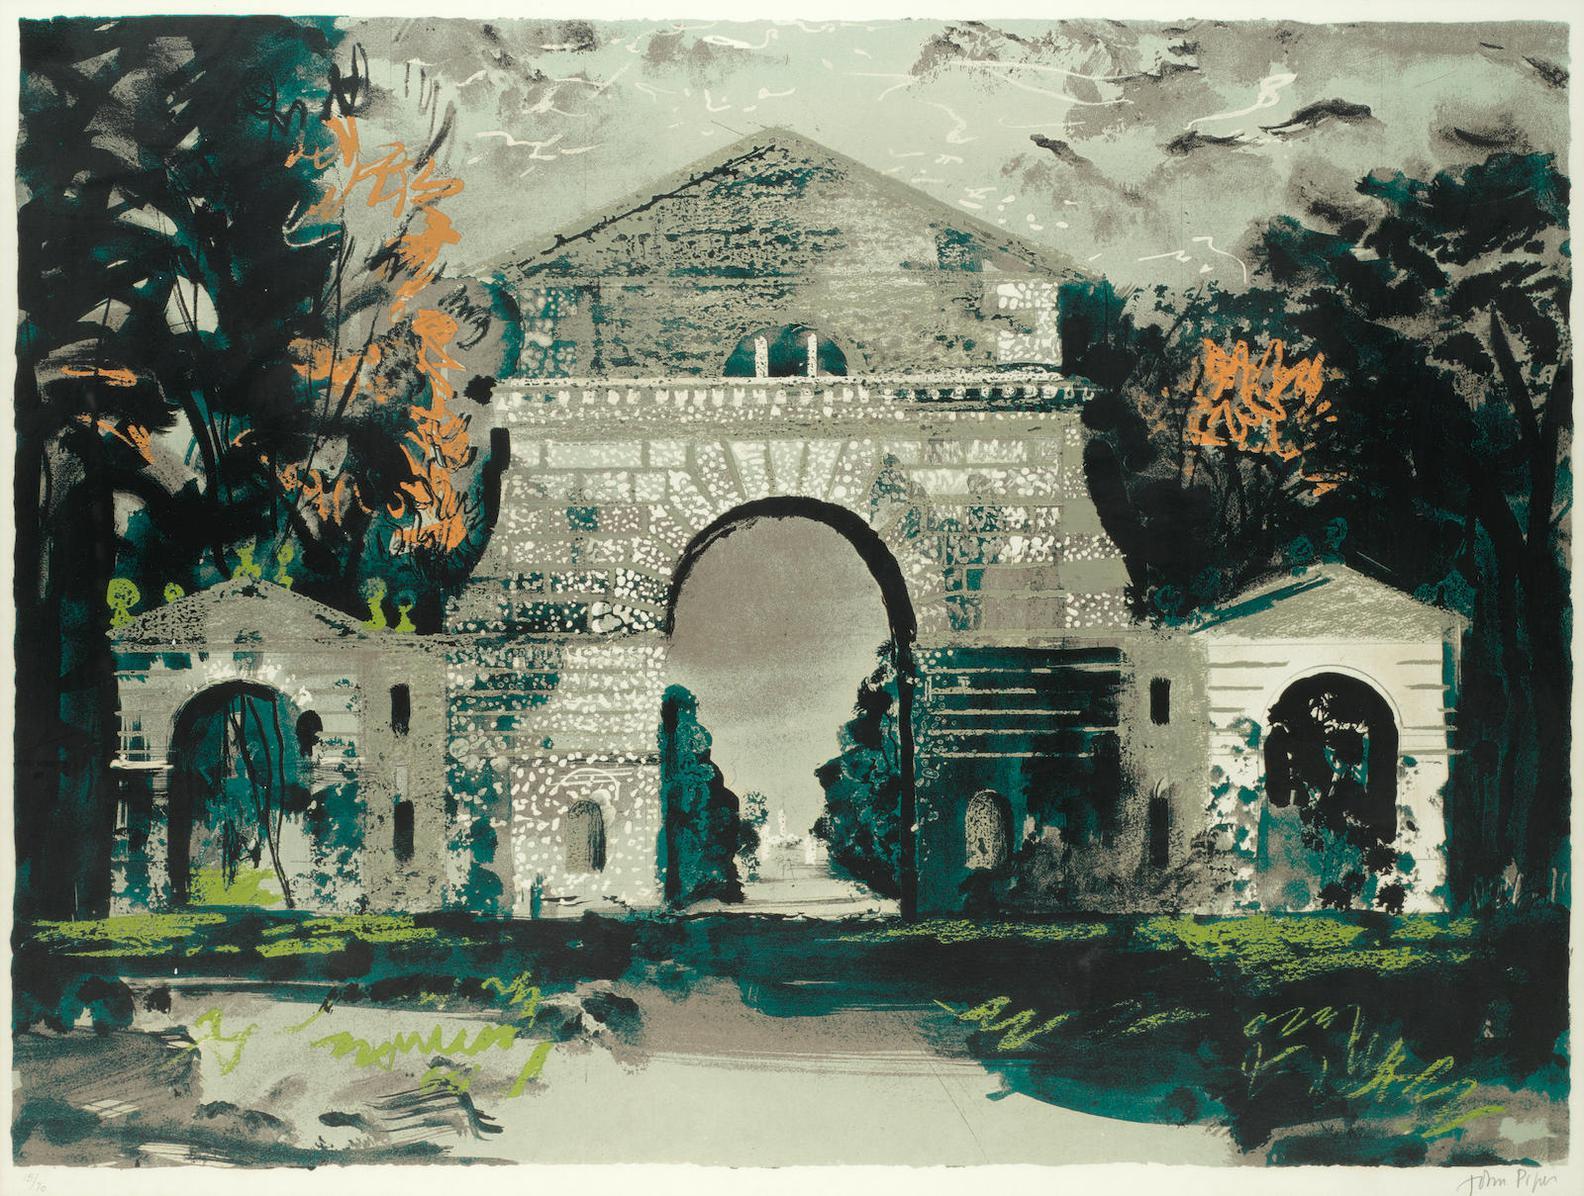 John Piper-Holkham Gate, Norfolk (Levinson 262)-1976